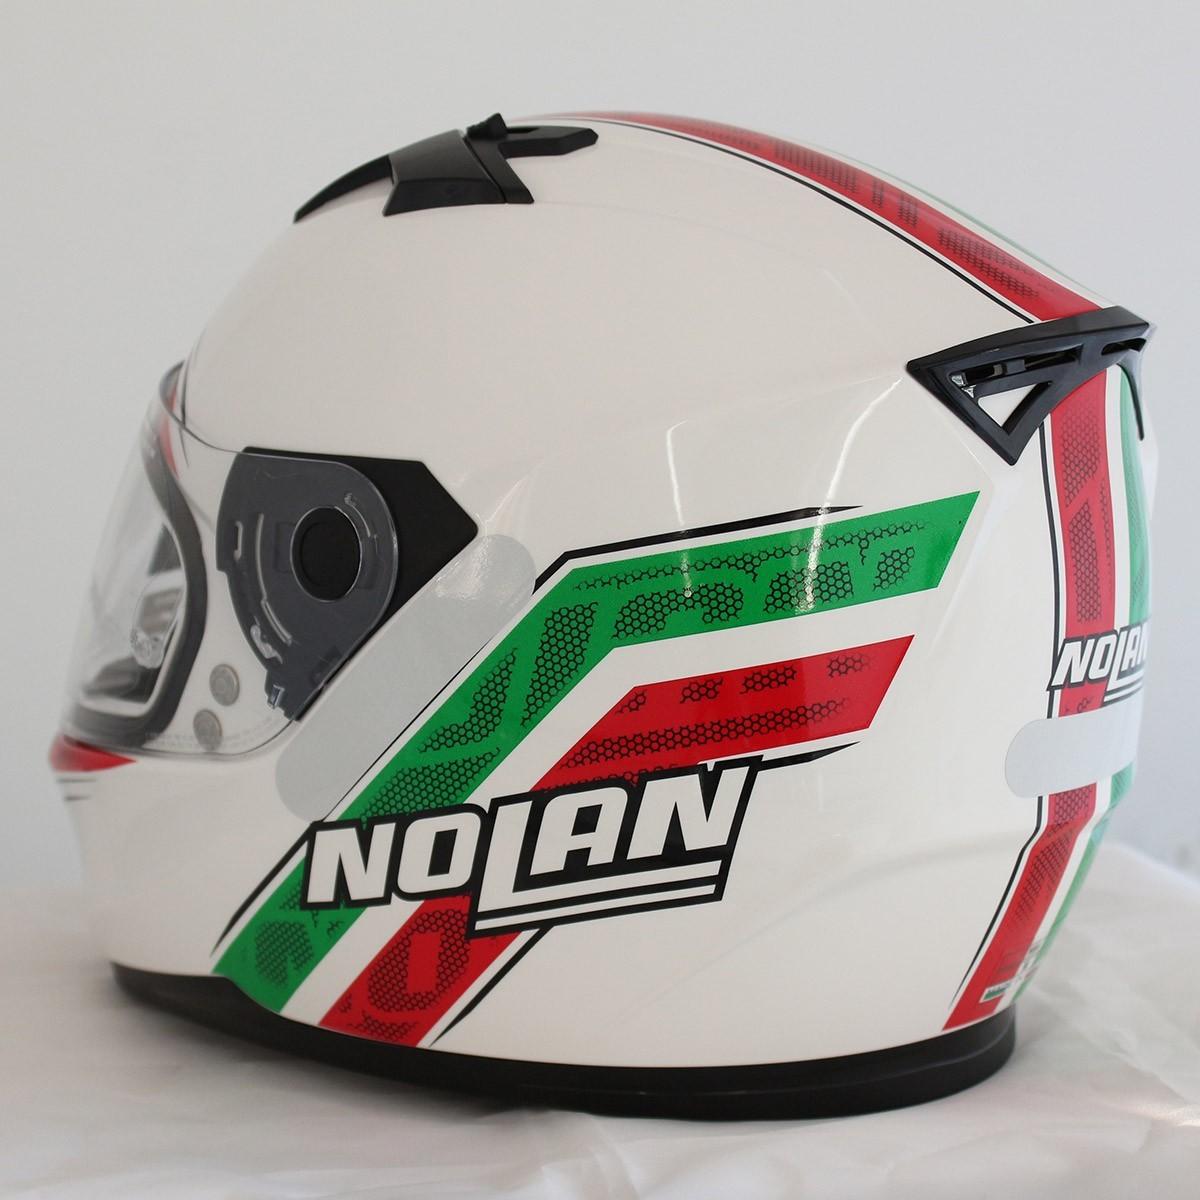 0 Capacete Nolan N64 Italy Metal White (GANHE BALACLAVA NOLAN)  - Nova Centro Boutique Roupas para Motociclistas